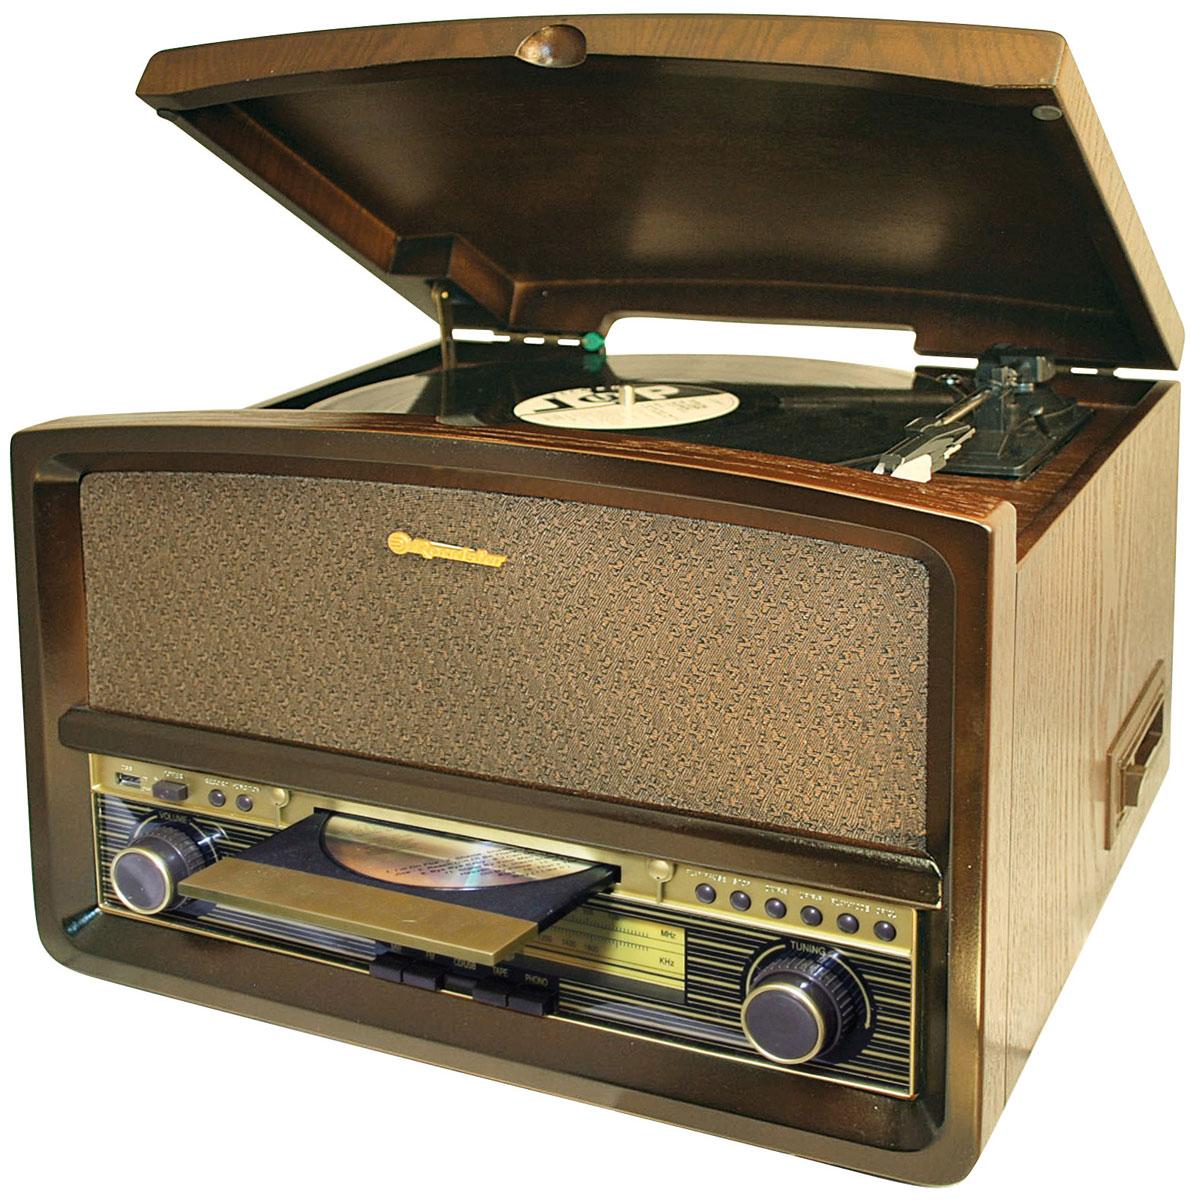 RoadStar HIF-1937TUMPK проигрыватель виниловых дисков - Hi-Fi компоненты